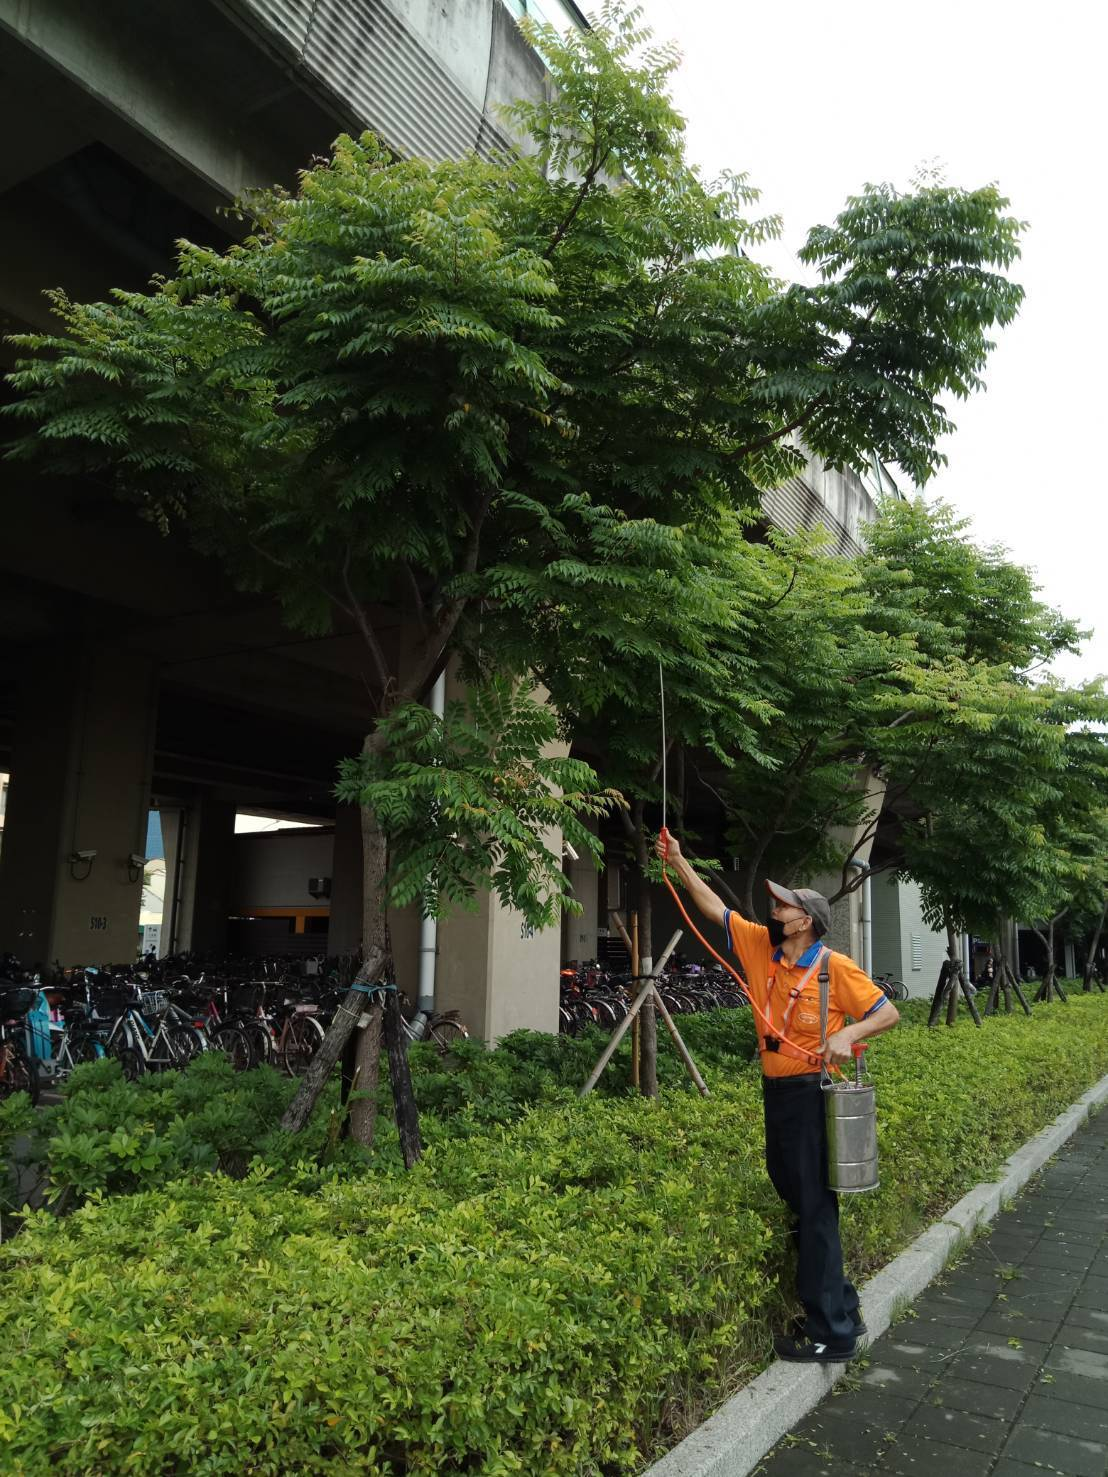 員林火車站廣場的台灣欒樹也遭荔枝椿象攻占,車站找清潔公司噴藥防治的情形。圖/員林...